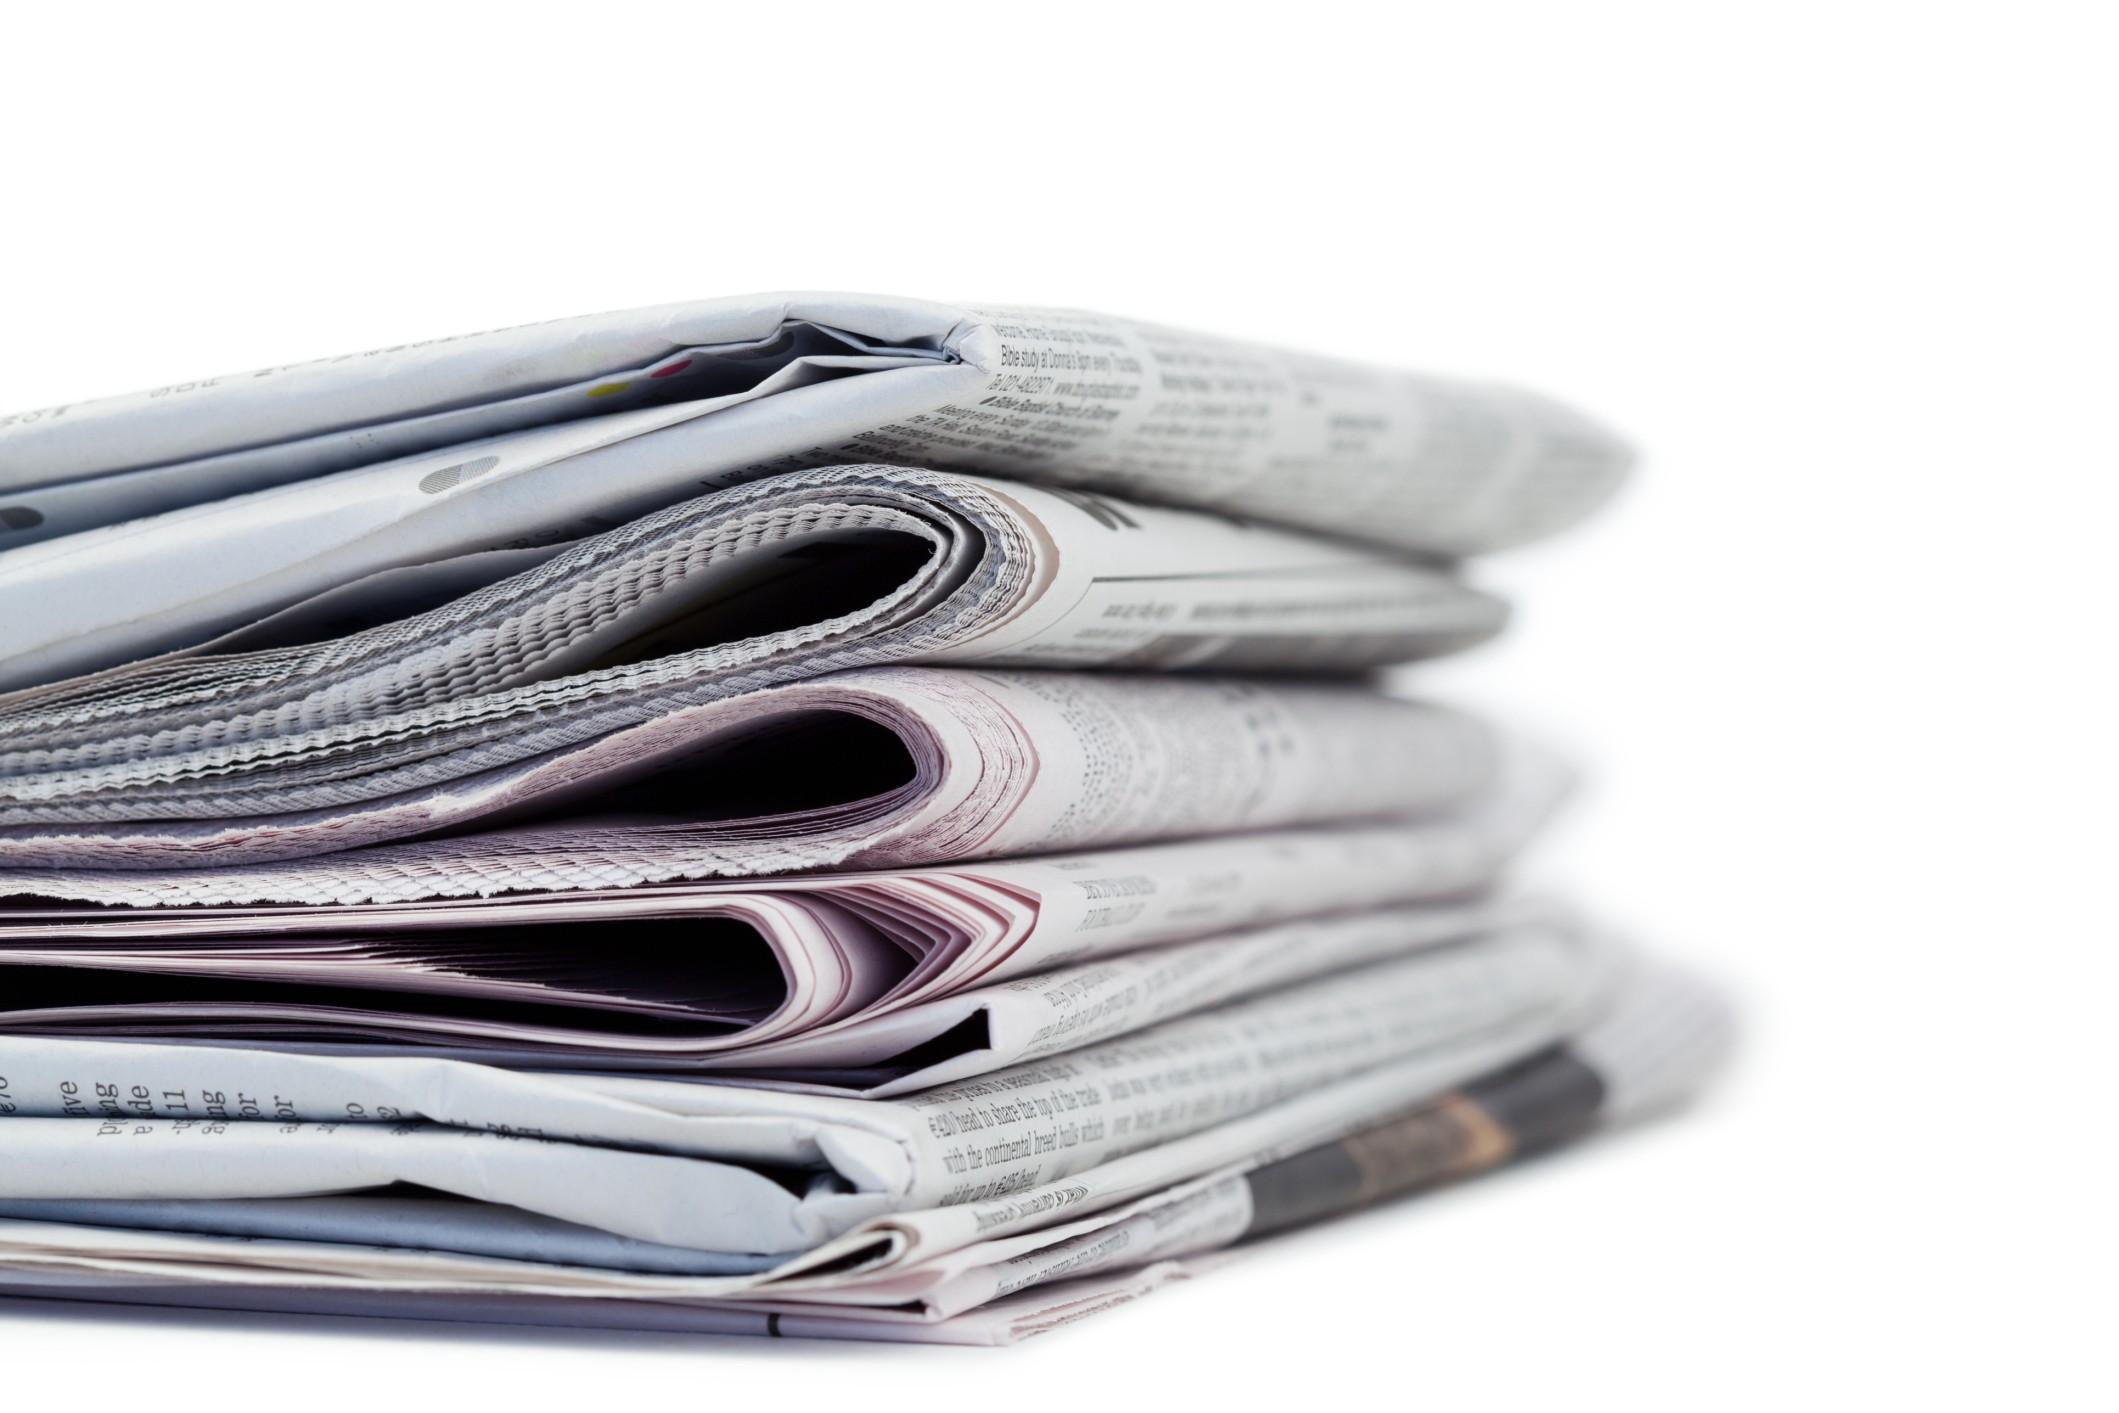 come-riutilizzare-i-vecchi-giornali